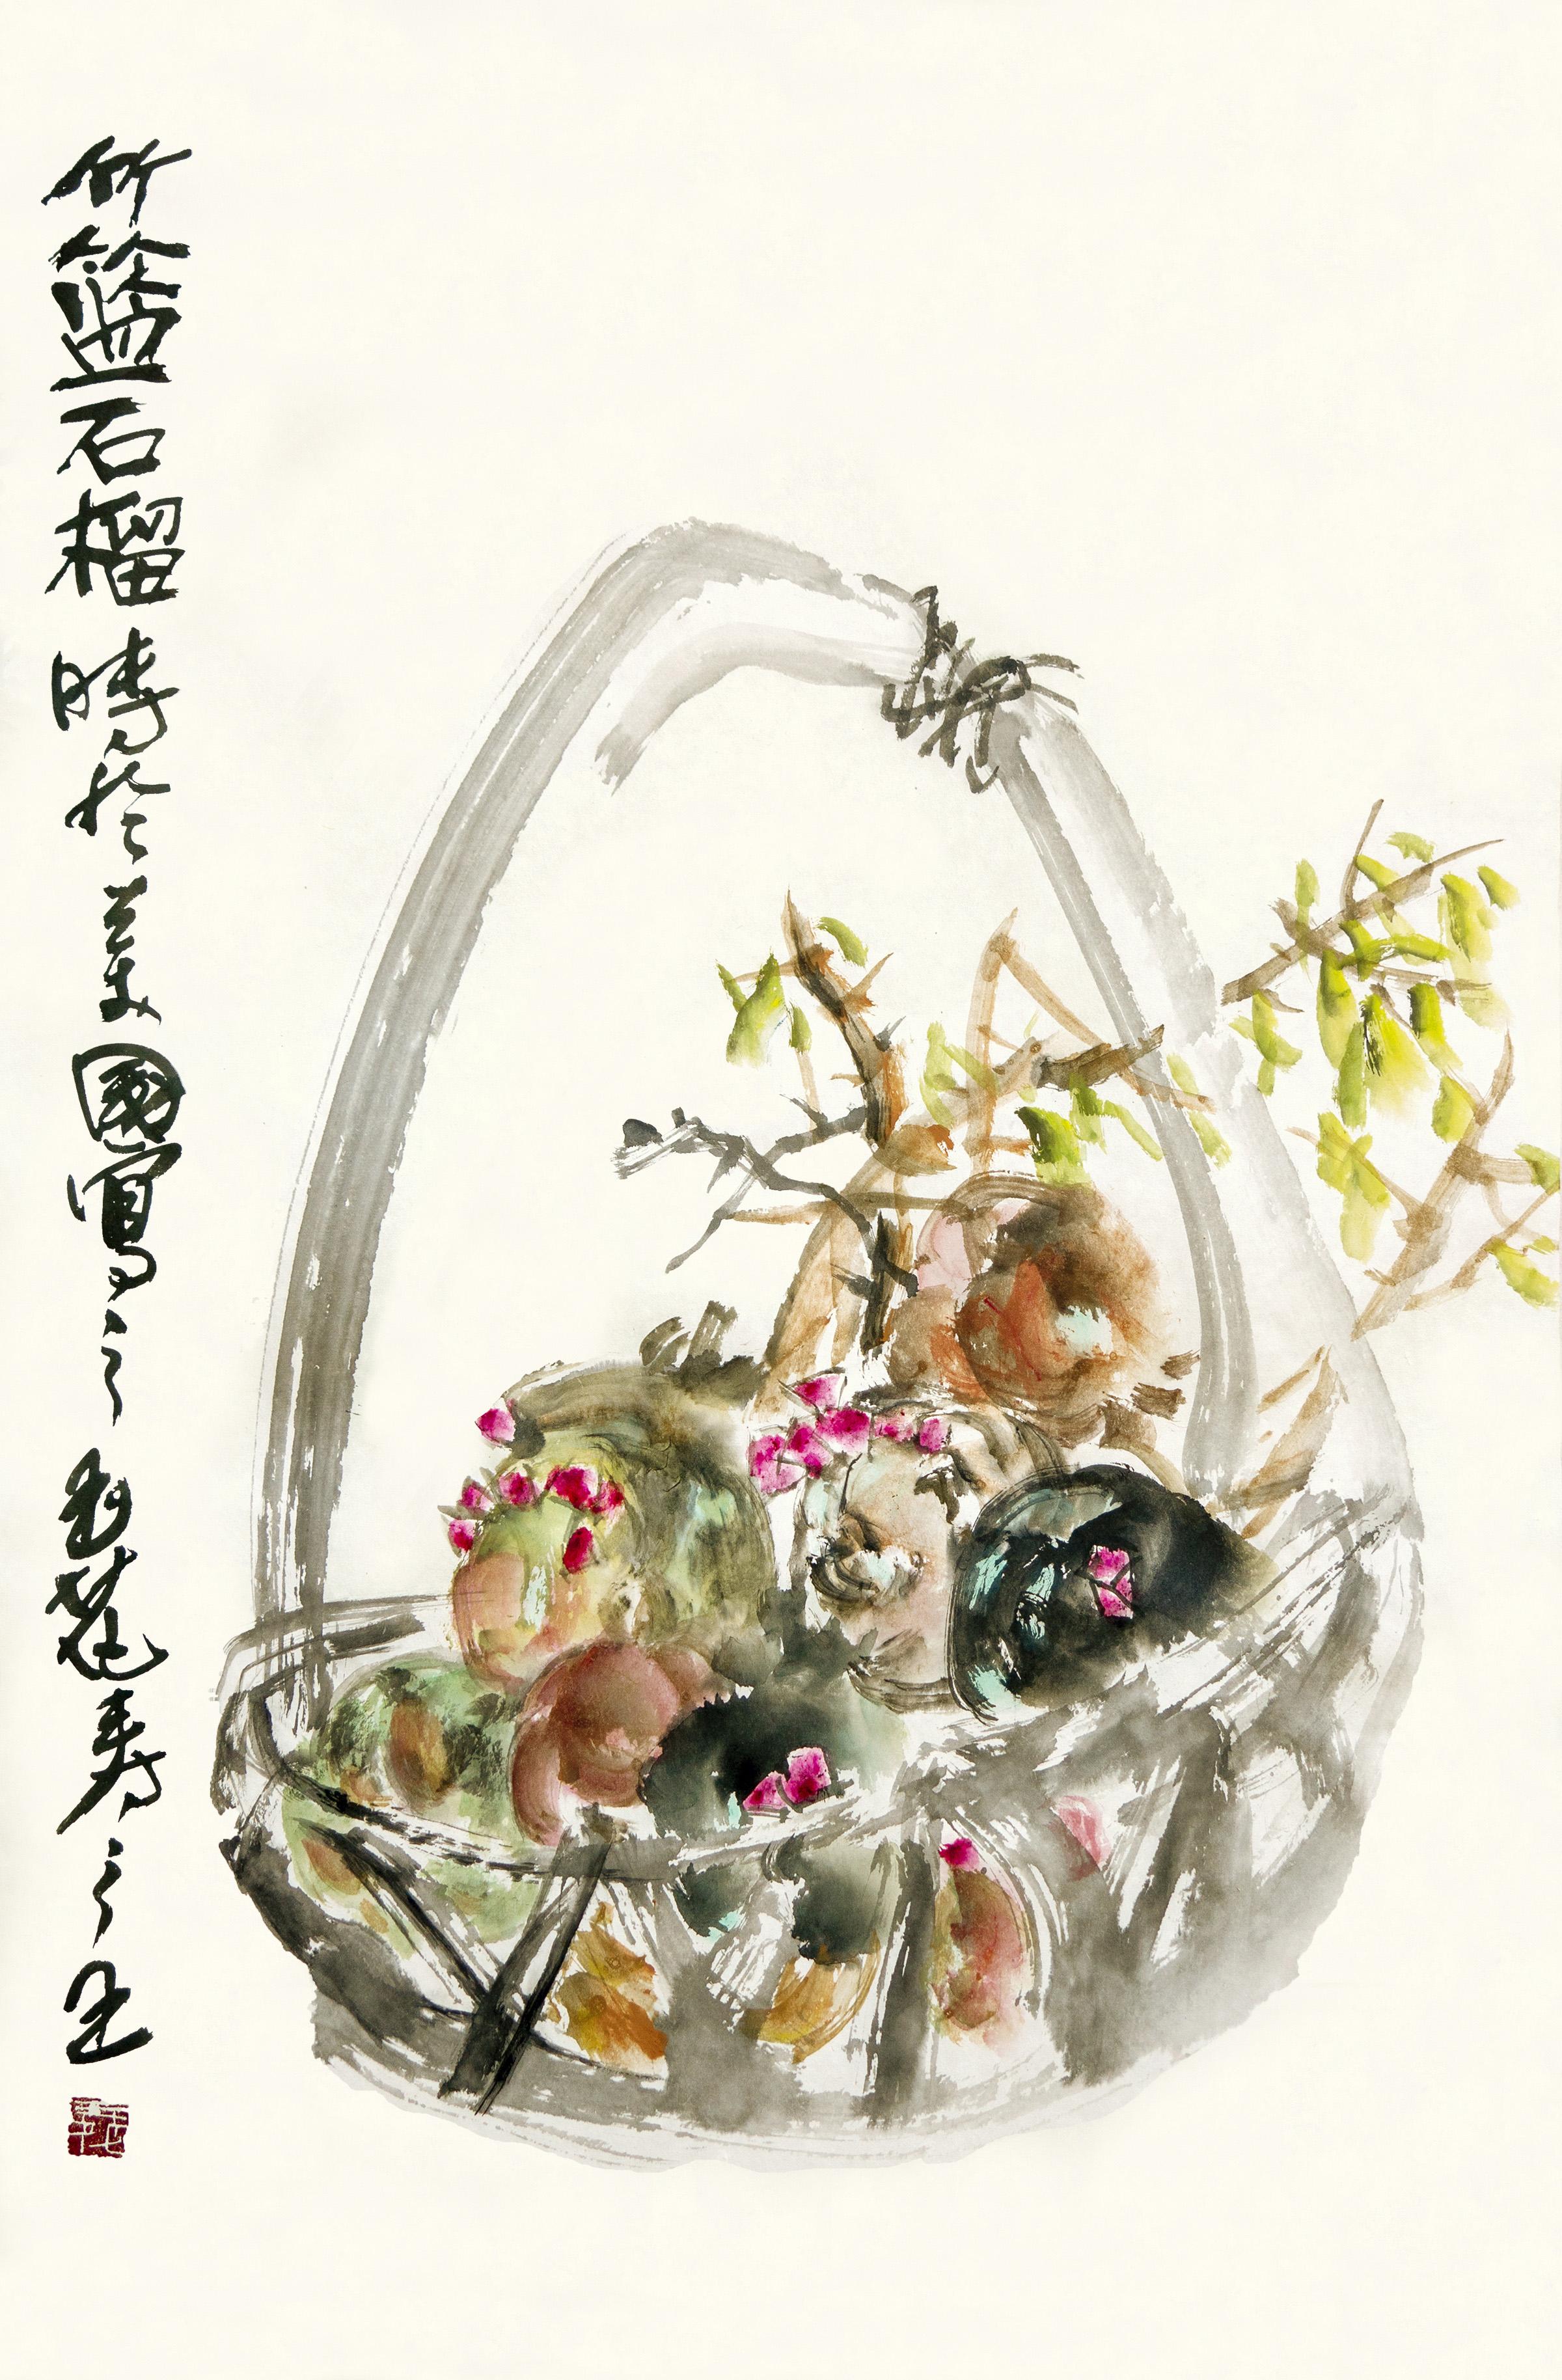 紐約貞觀國際拍賣公司以127萬成功拍出玉花壽之王博士的「竹籃石榴」。